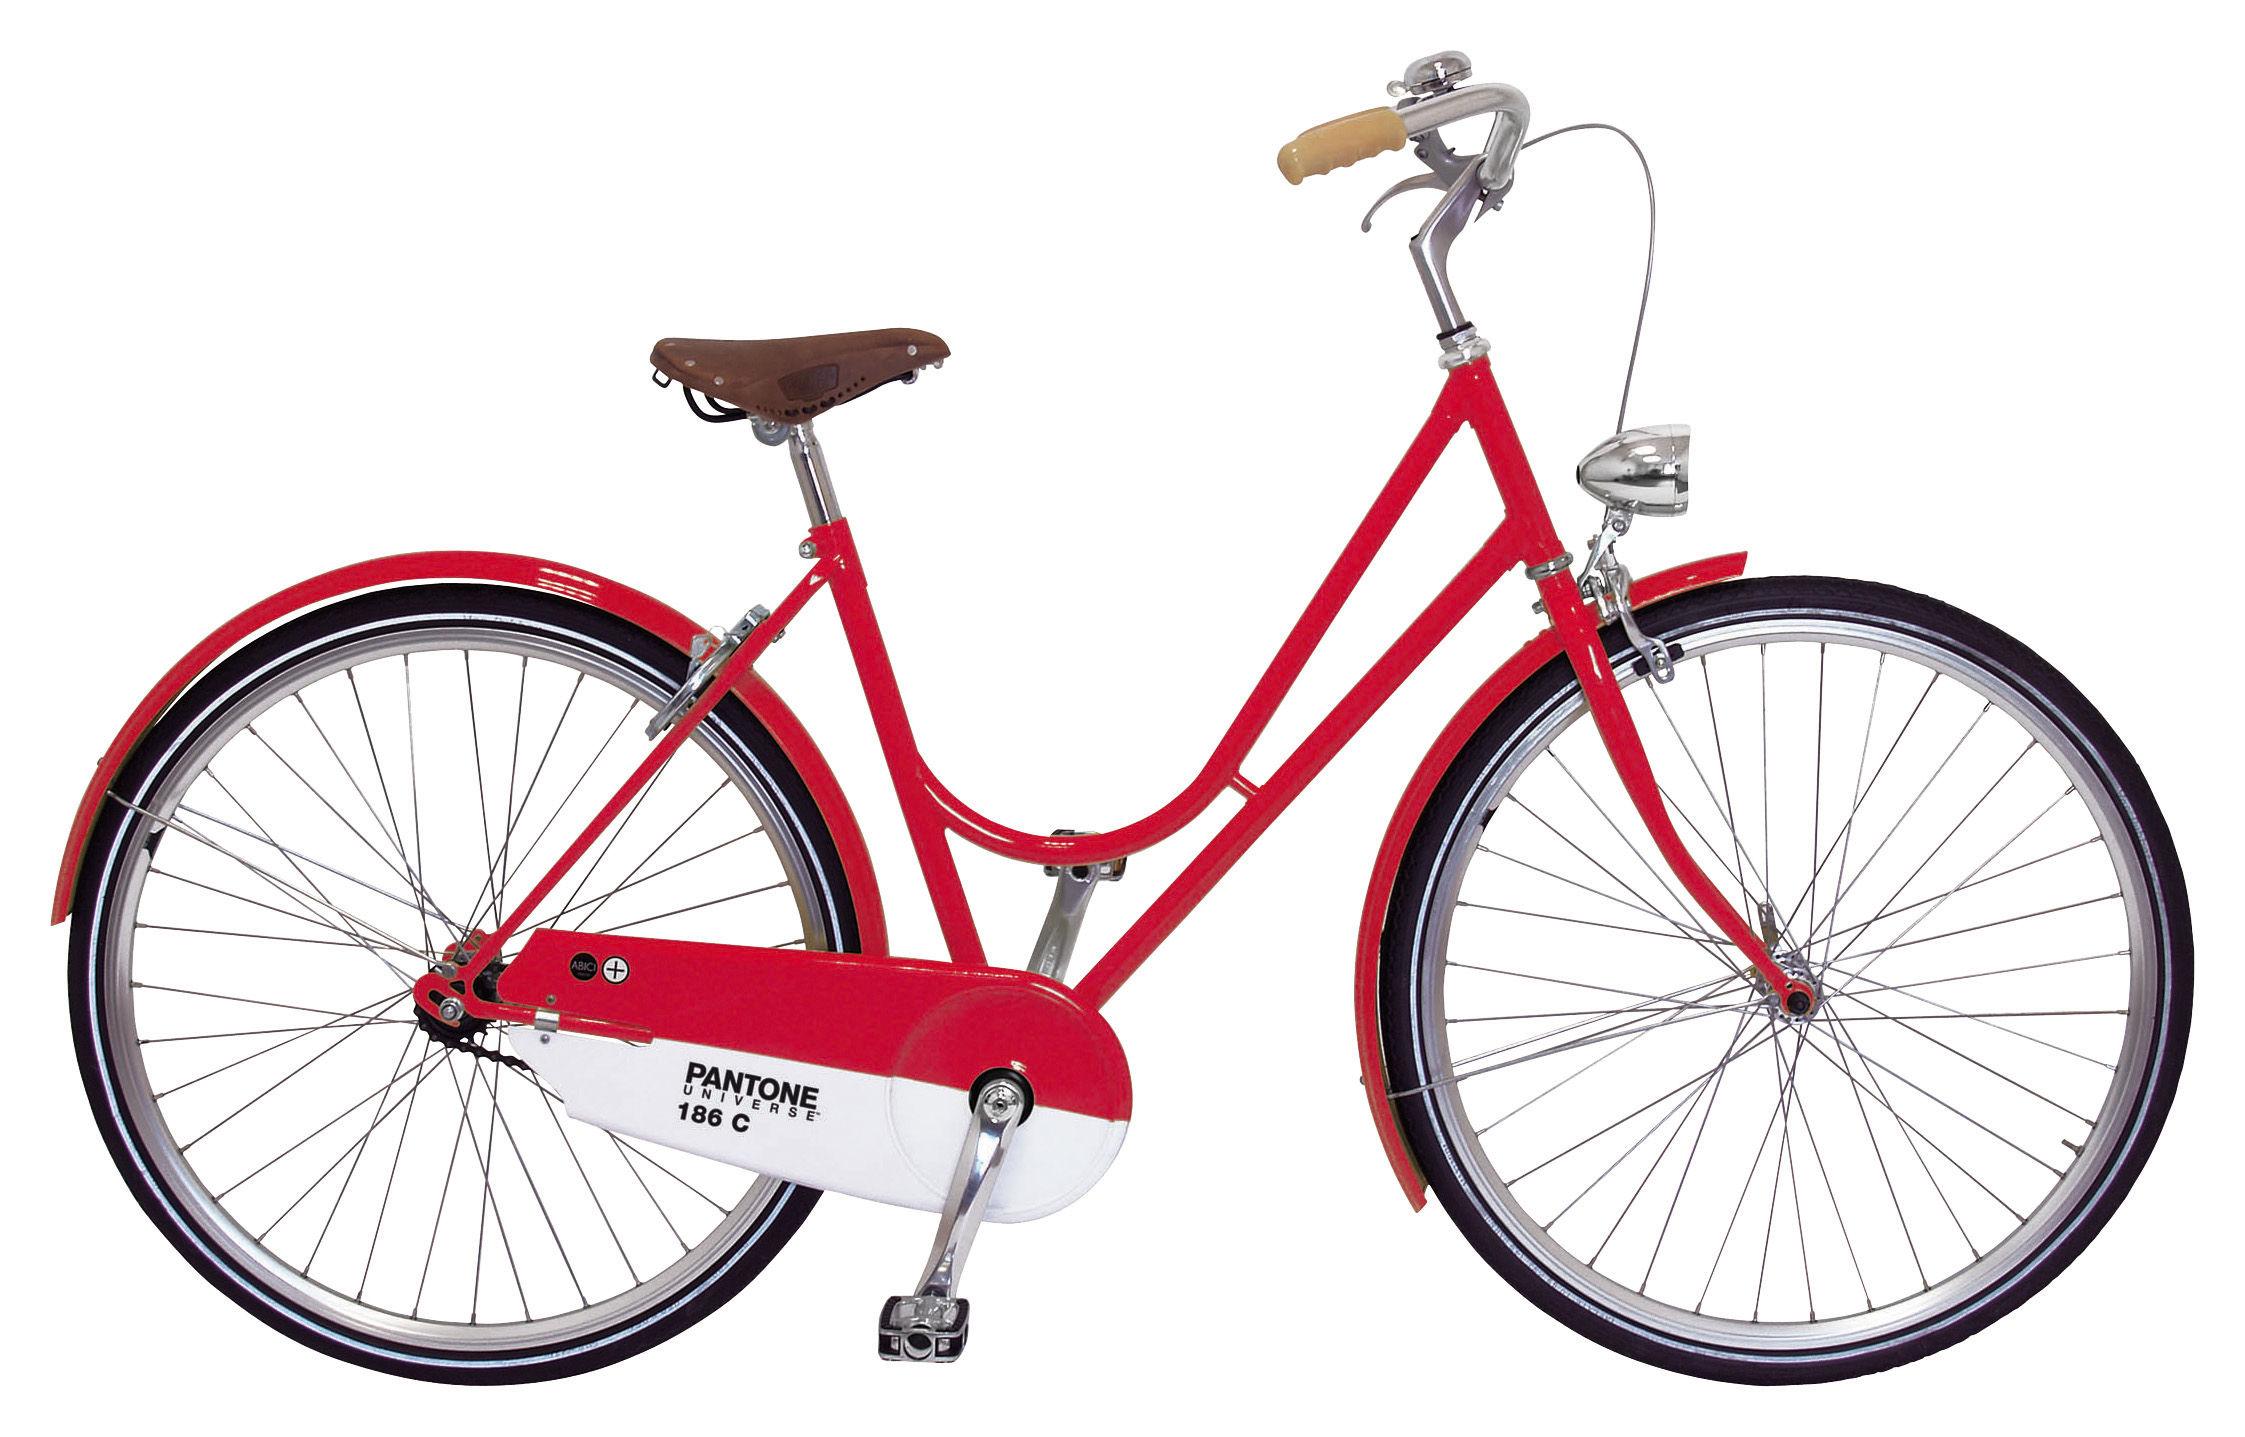 Accessoires - Pratique et malin - Vélo Pantone - Abici - 186C - Rouge rubis - Acier, Aluminium, Cuir